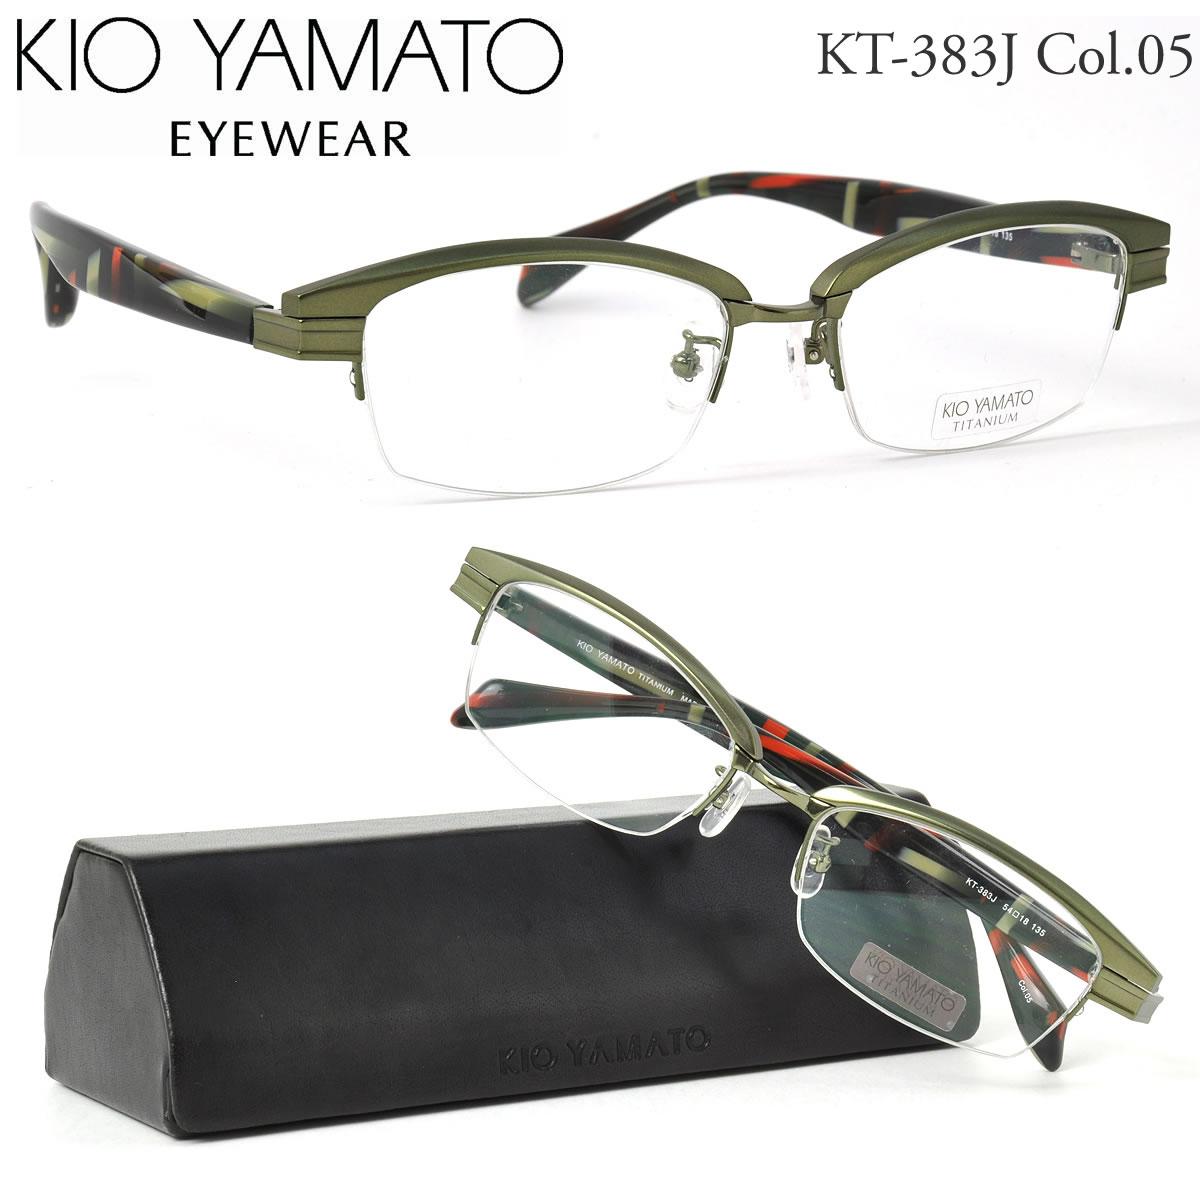 ほぼ全品ポイント15倍~最大34倍+2倍! 【KIO YAMATO メガネ】キオヤマト メガネフレーム KT-383J 05